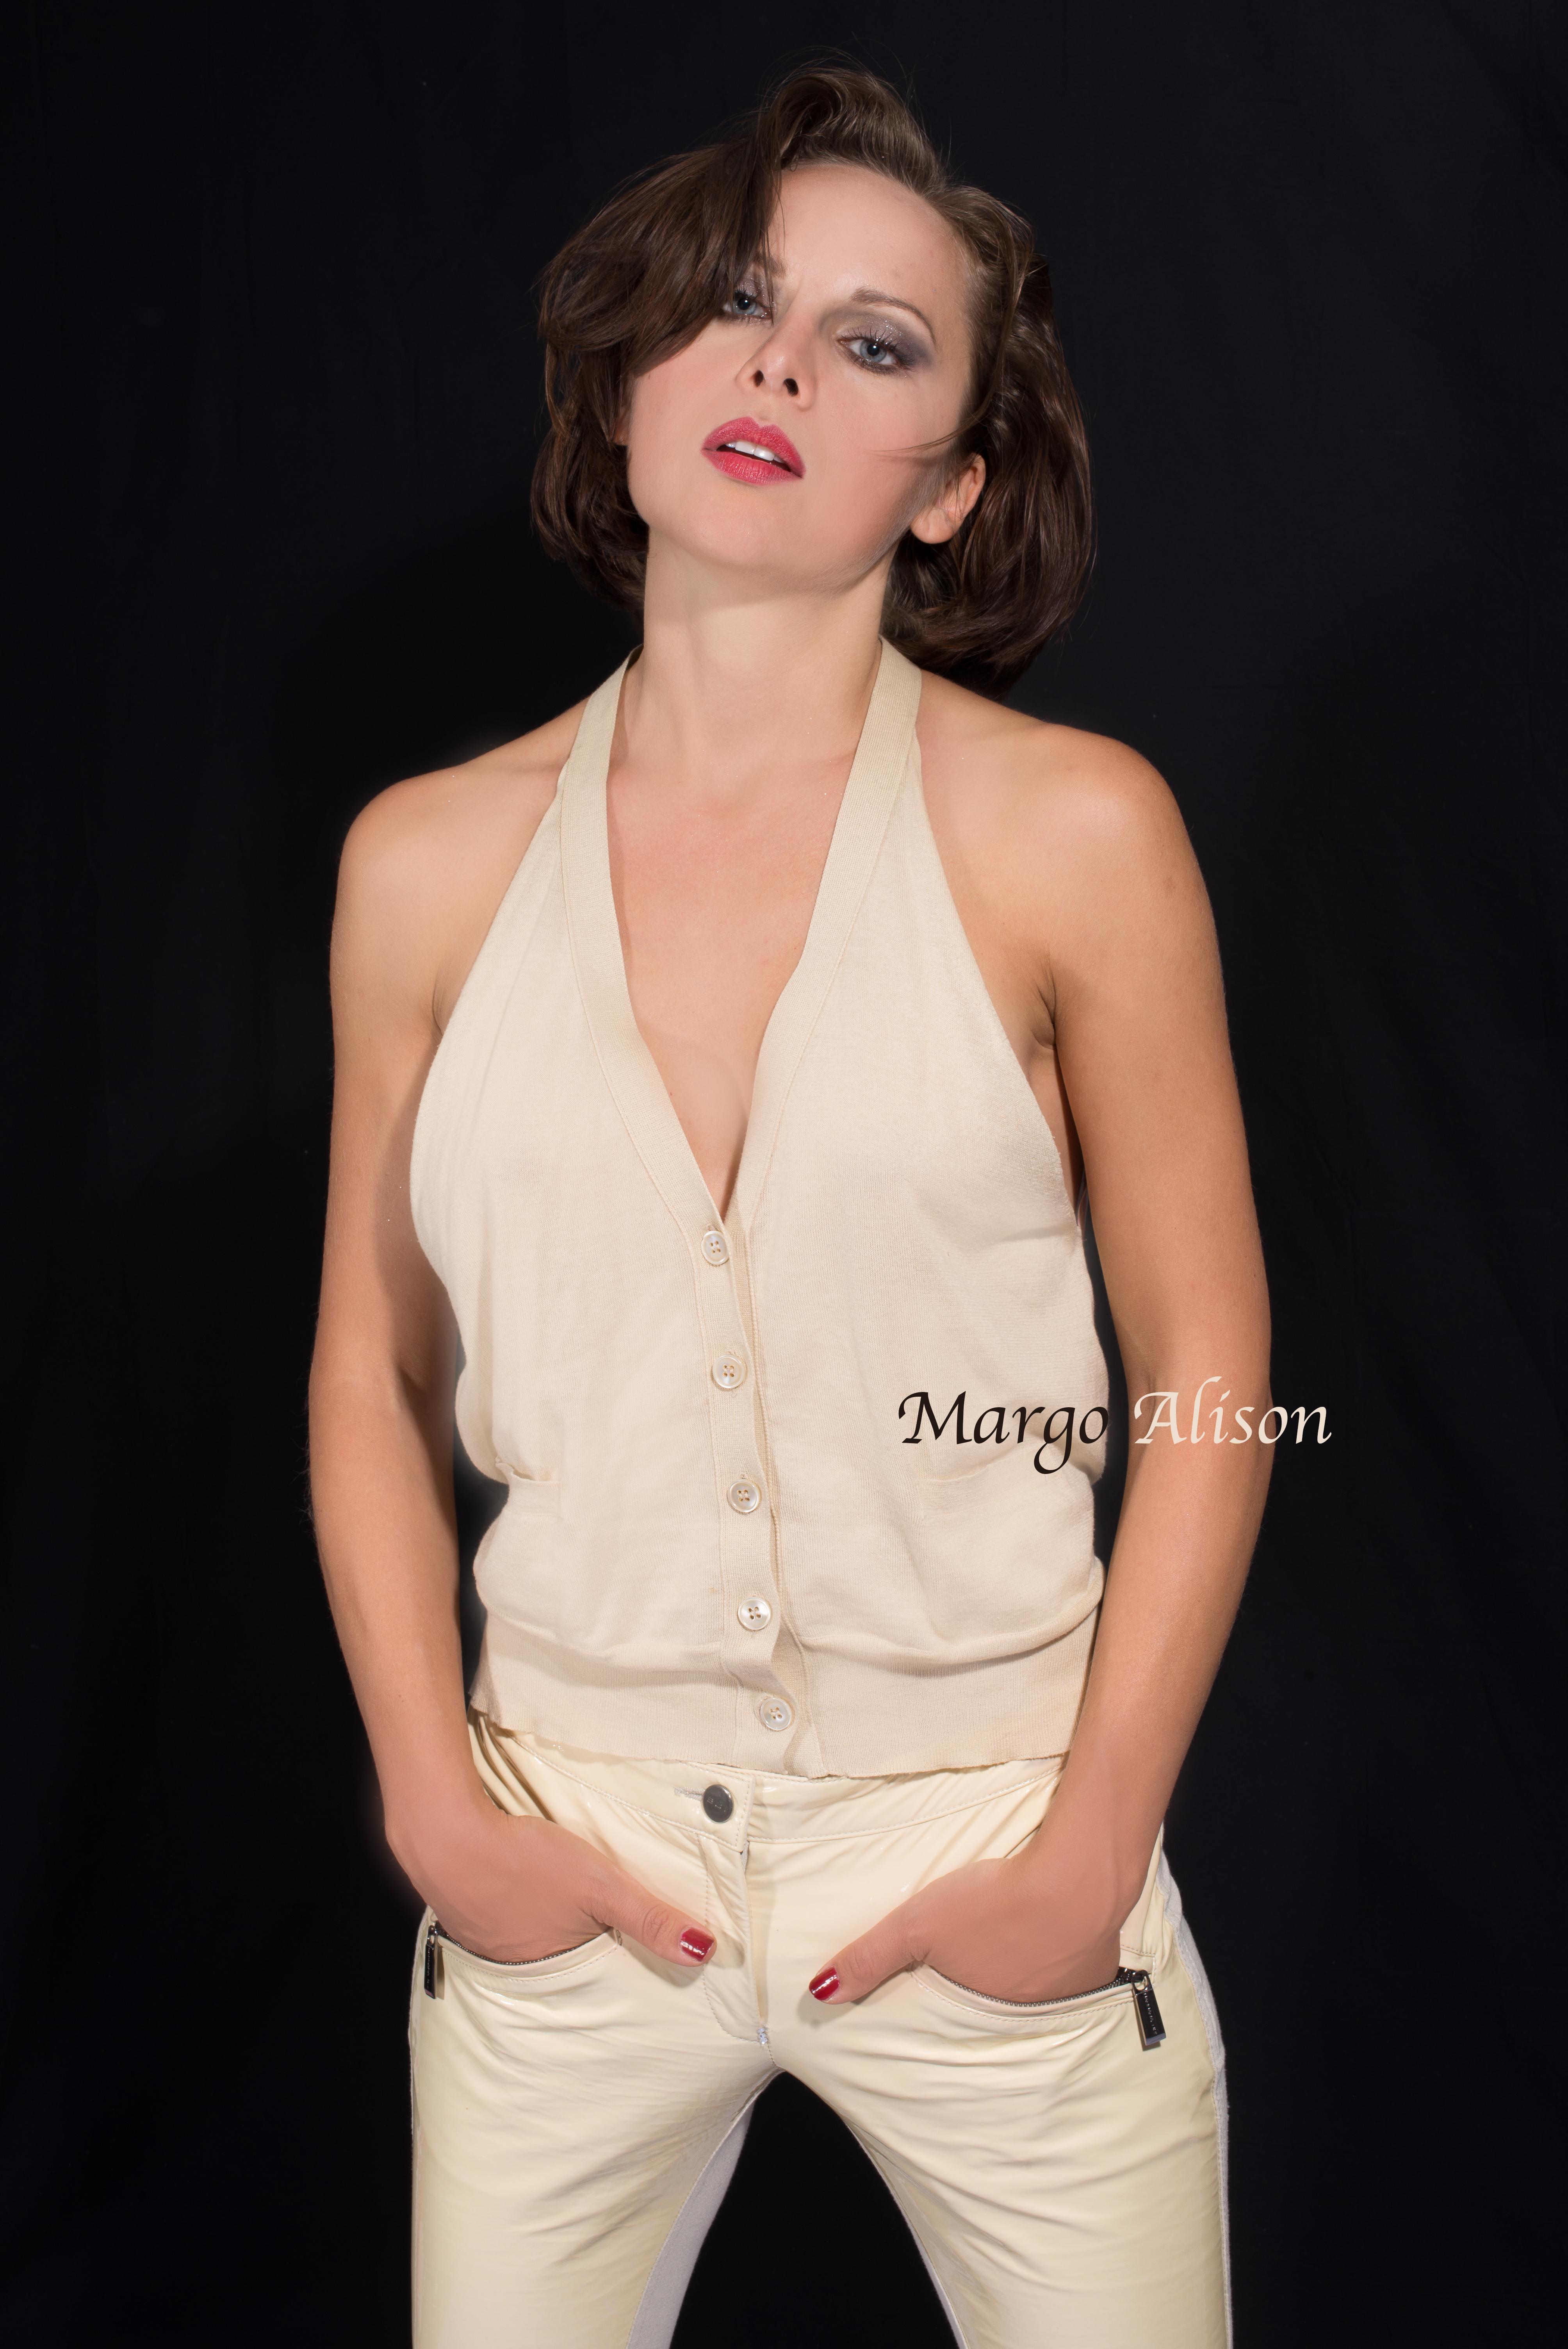 Margo Alison